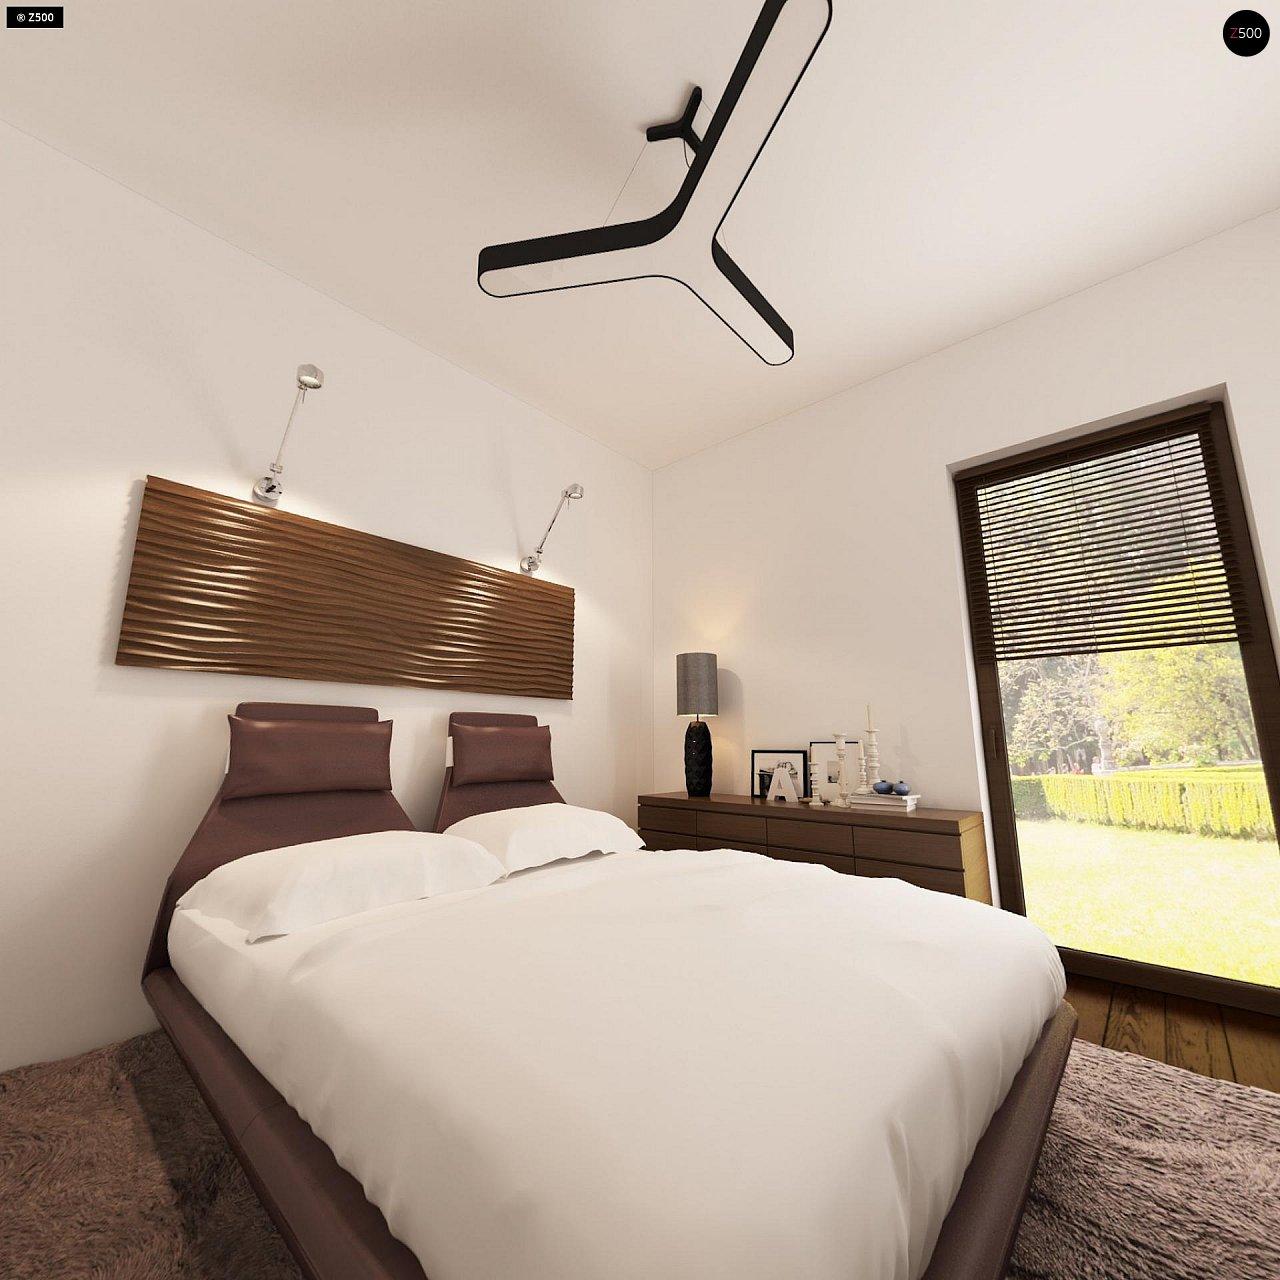 Проект небольшого практичного одноэтажного дома. Есть возможность обустройства чердачного помещения. 12